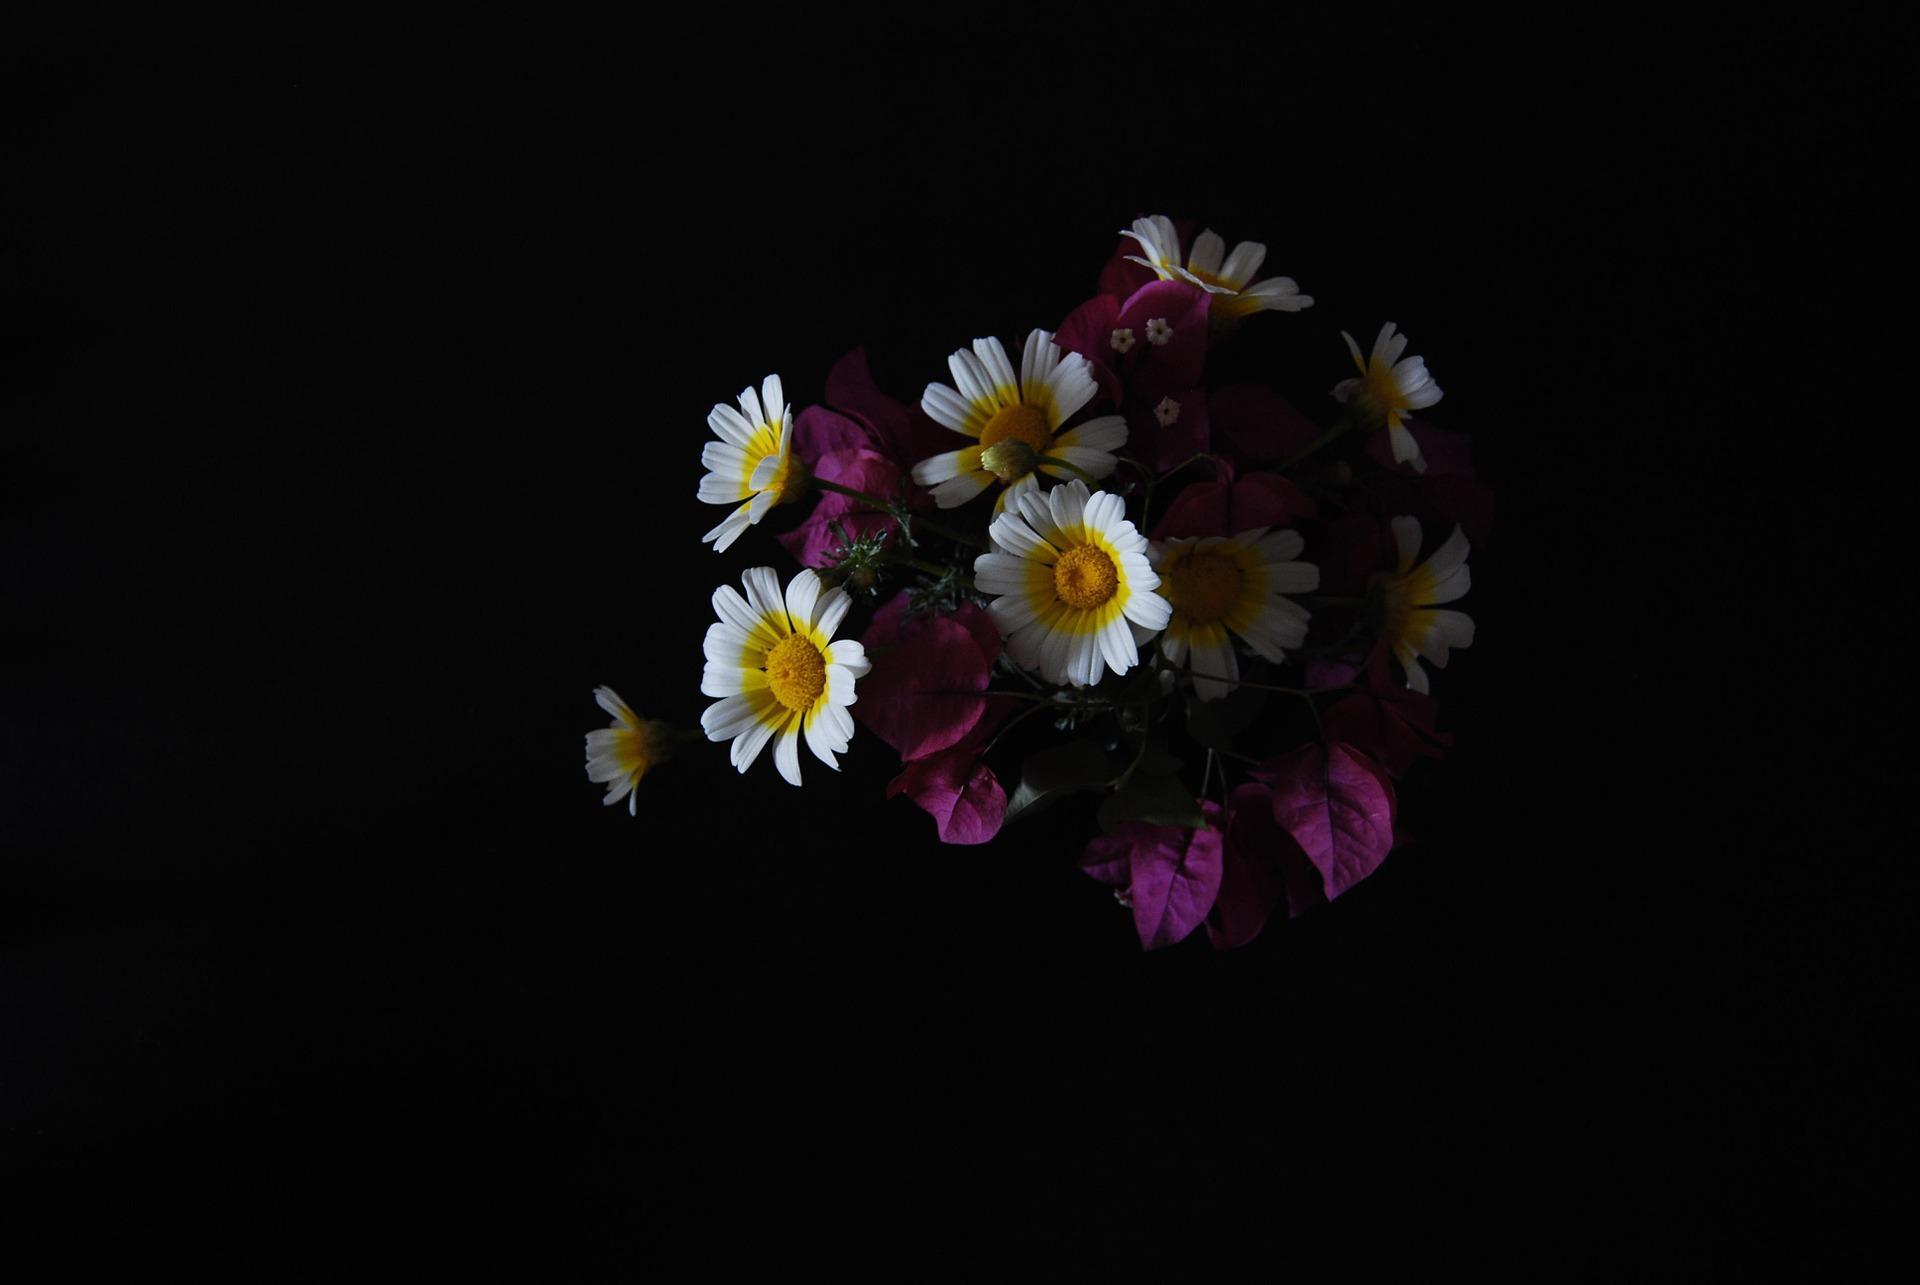 flowers nachoto7 Pixabay